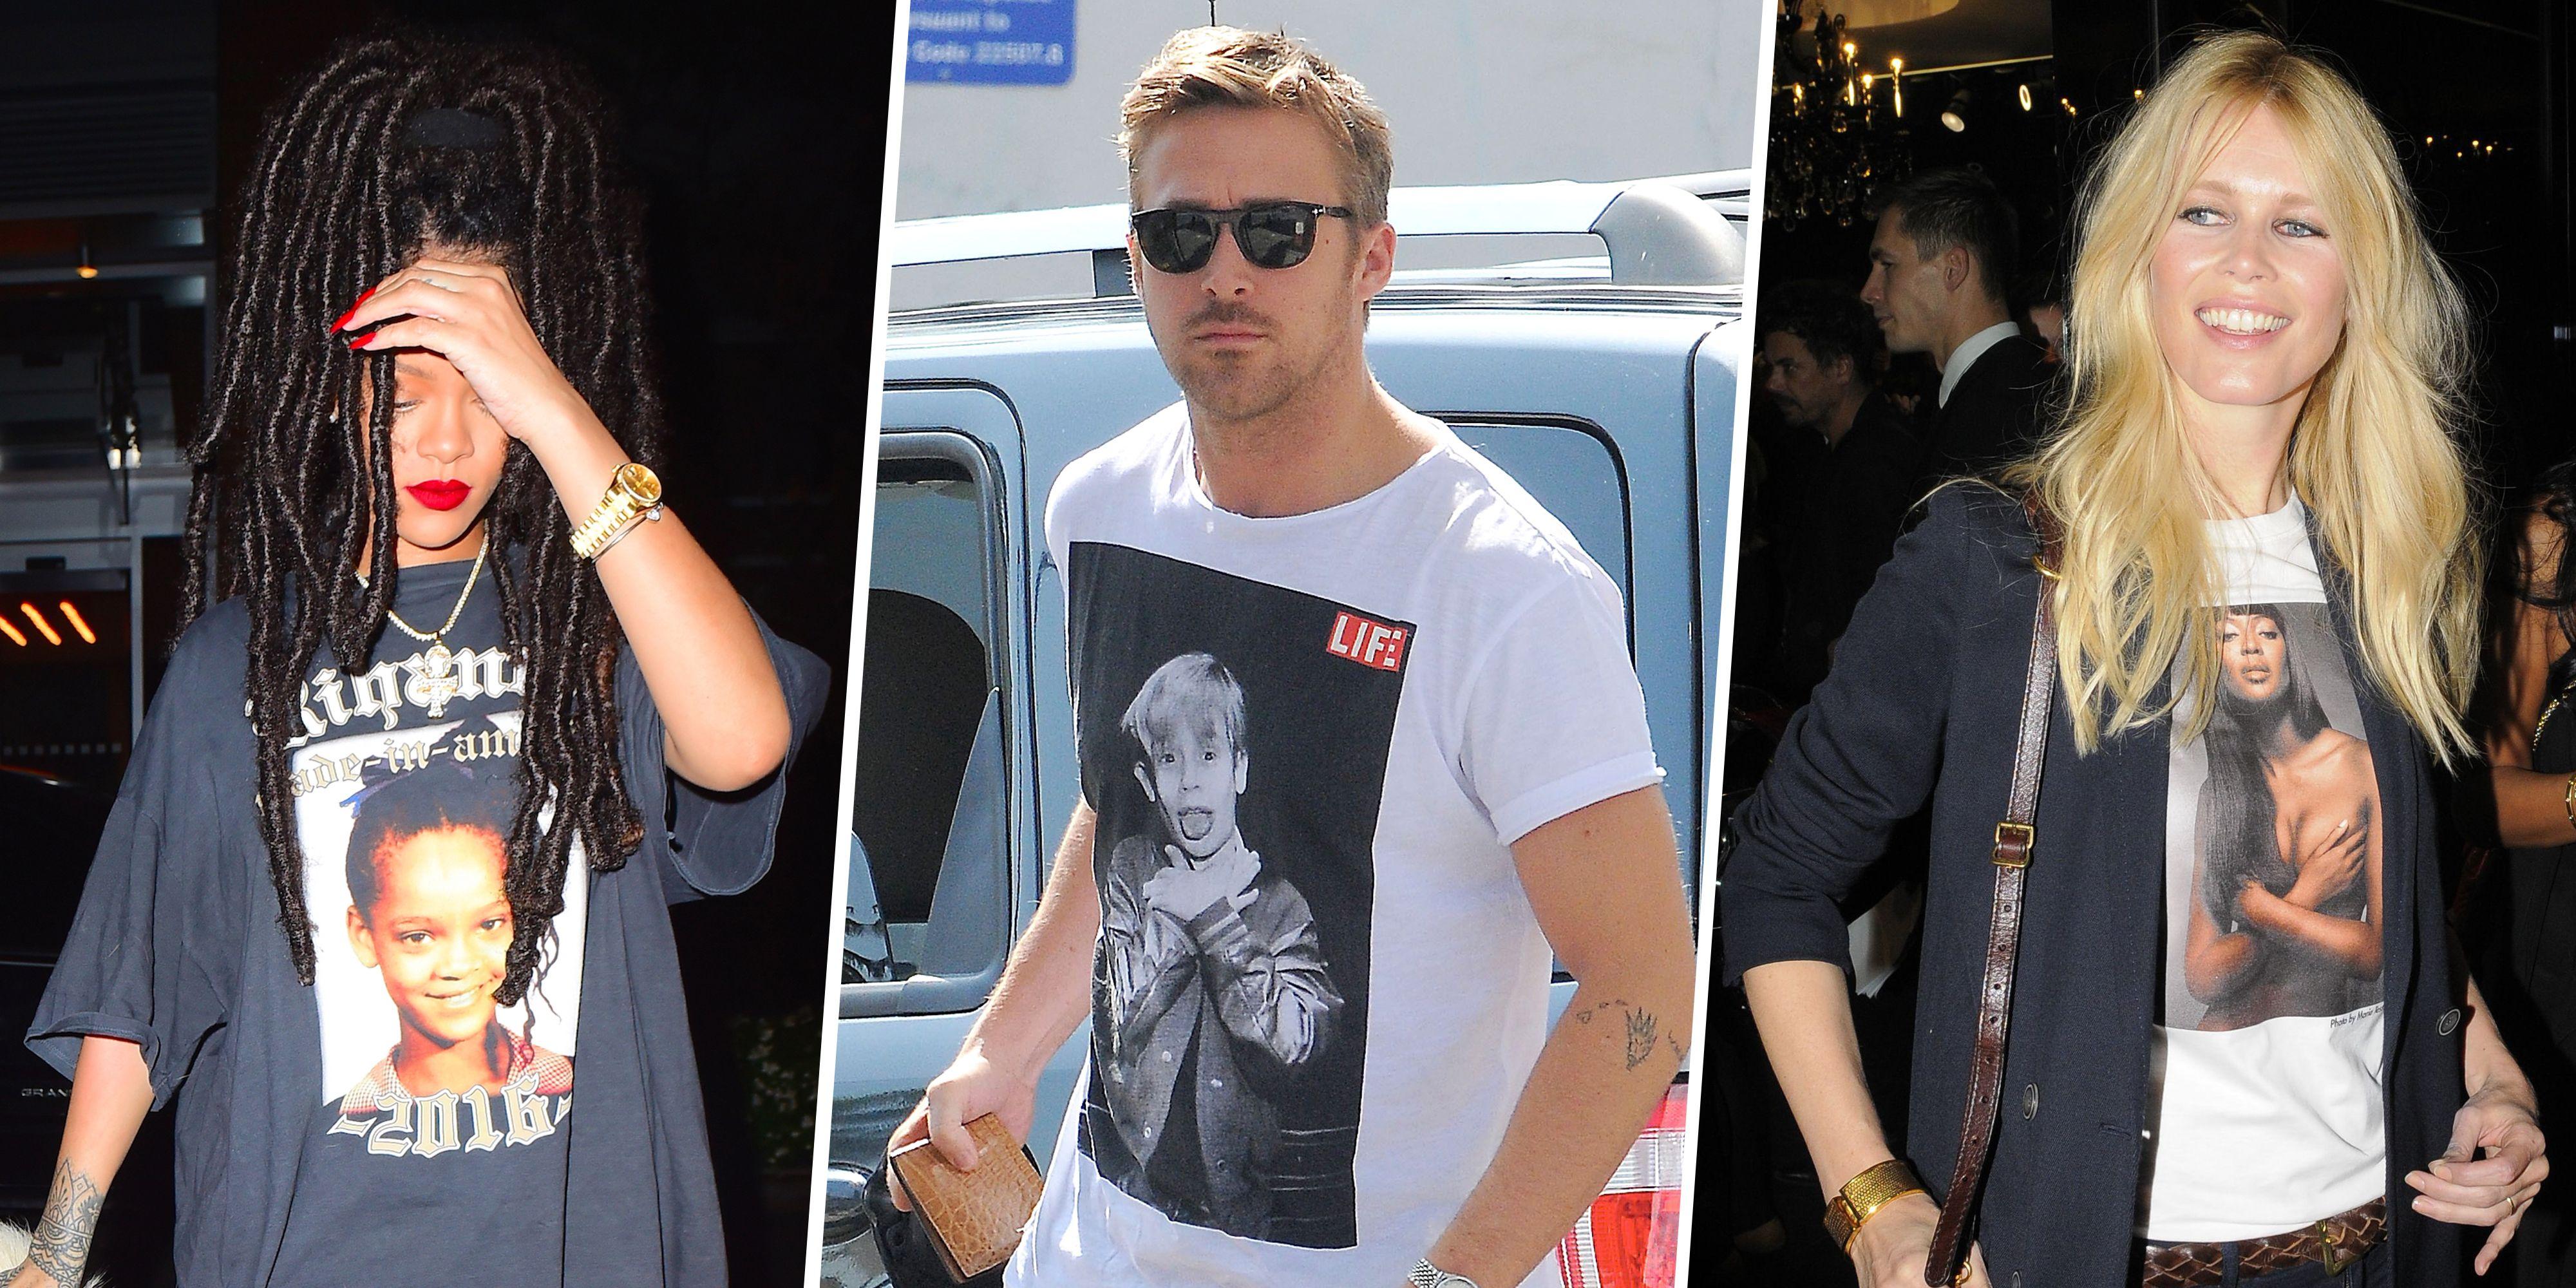 fb4c896d1 Celebrities Wearing Photos of Other Celebrities - Celebrity Meta T ...